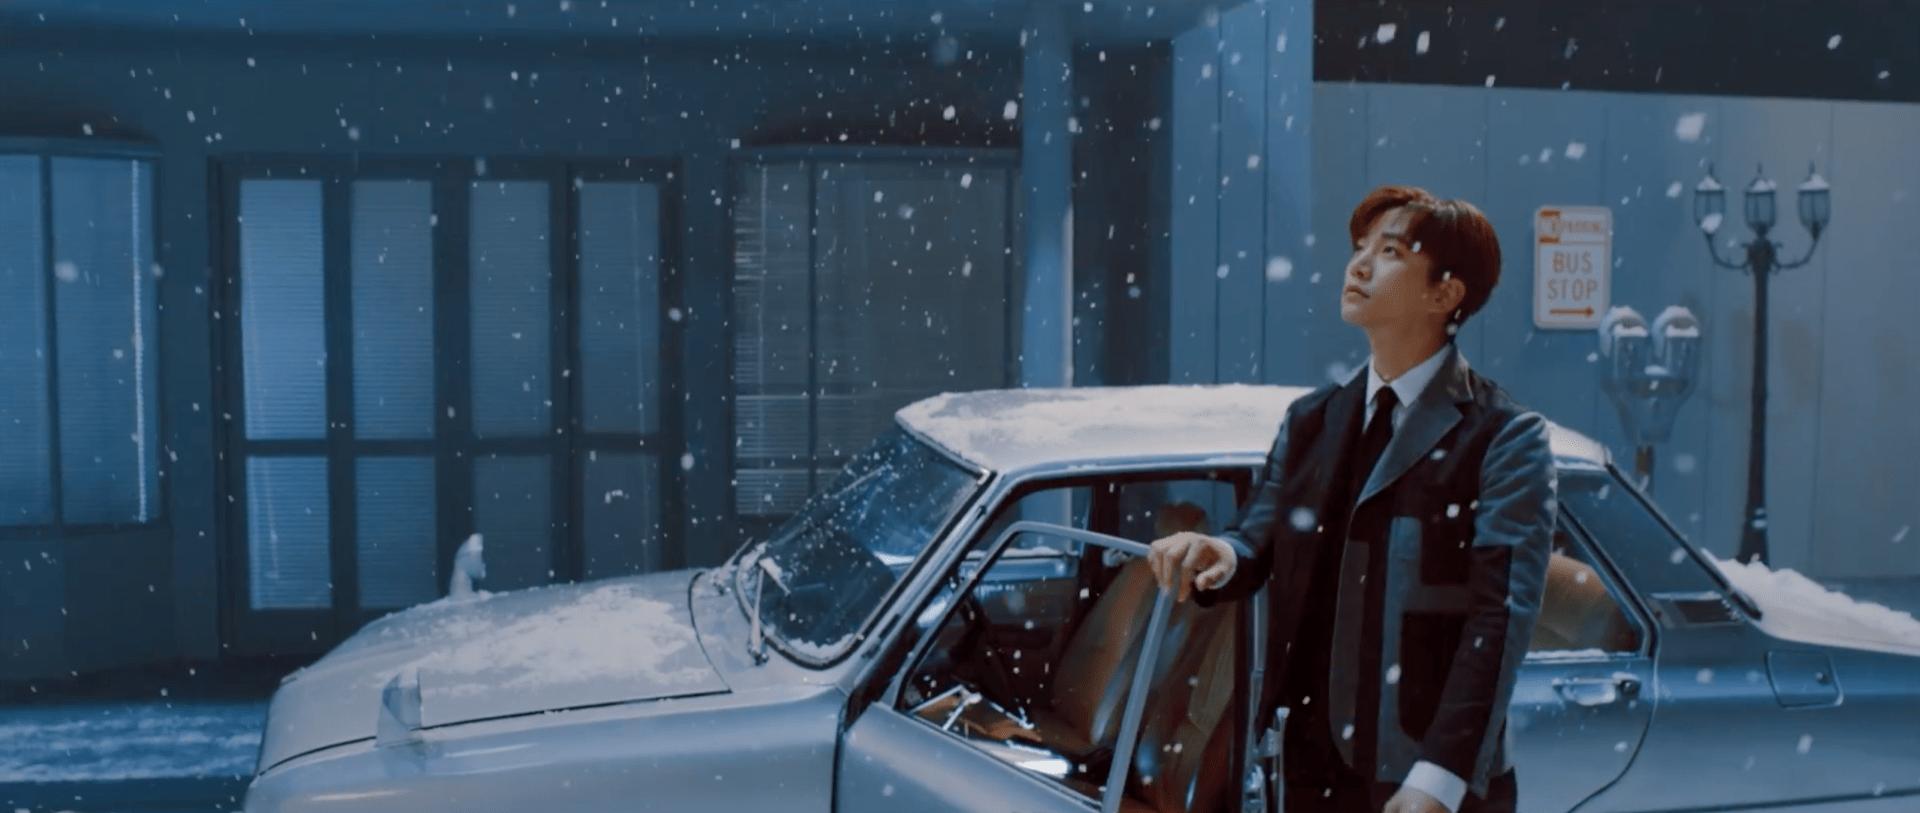 これで全部わかる!2PMジュノ2018年冬ソロ「冬の少年」スケジュール